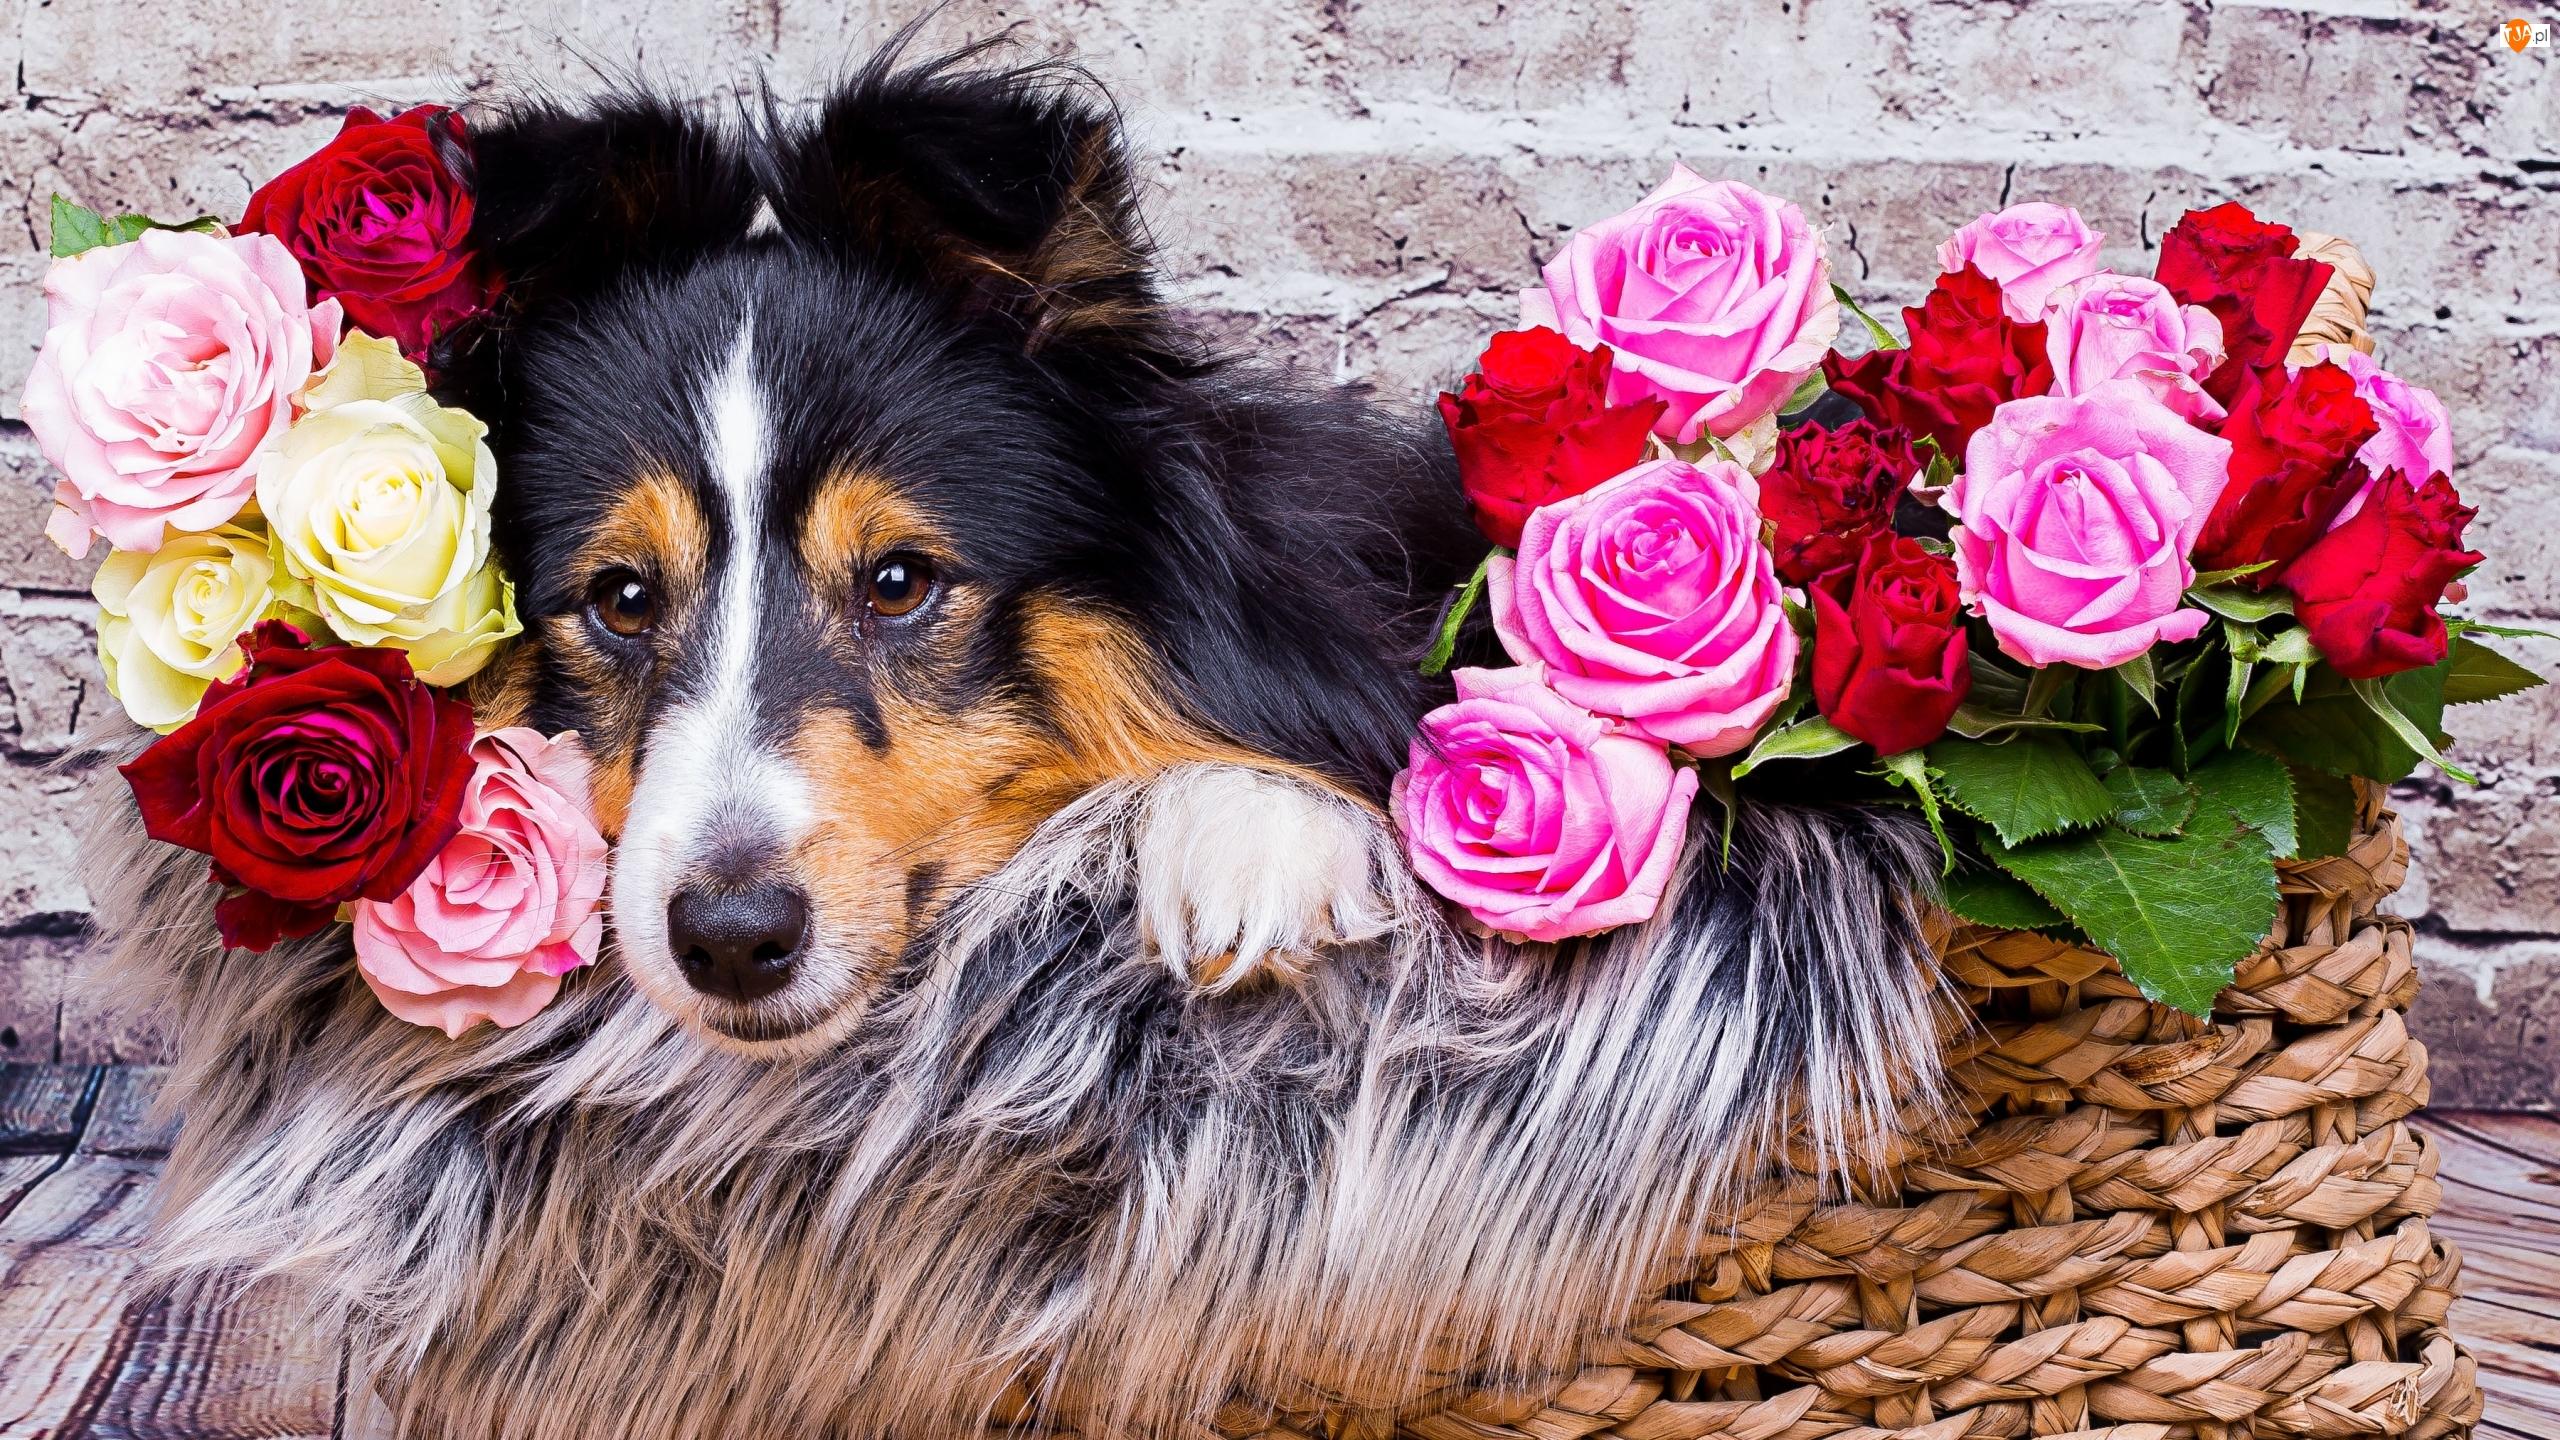 Mur, Owczarek szetlandzki, Róże, Kolorowe, Kosz